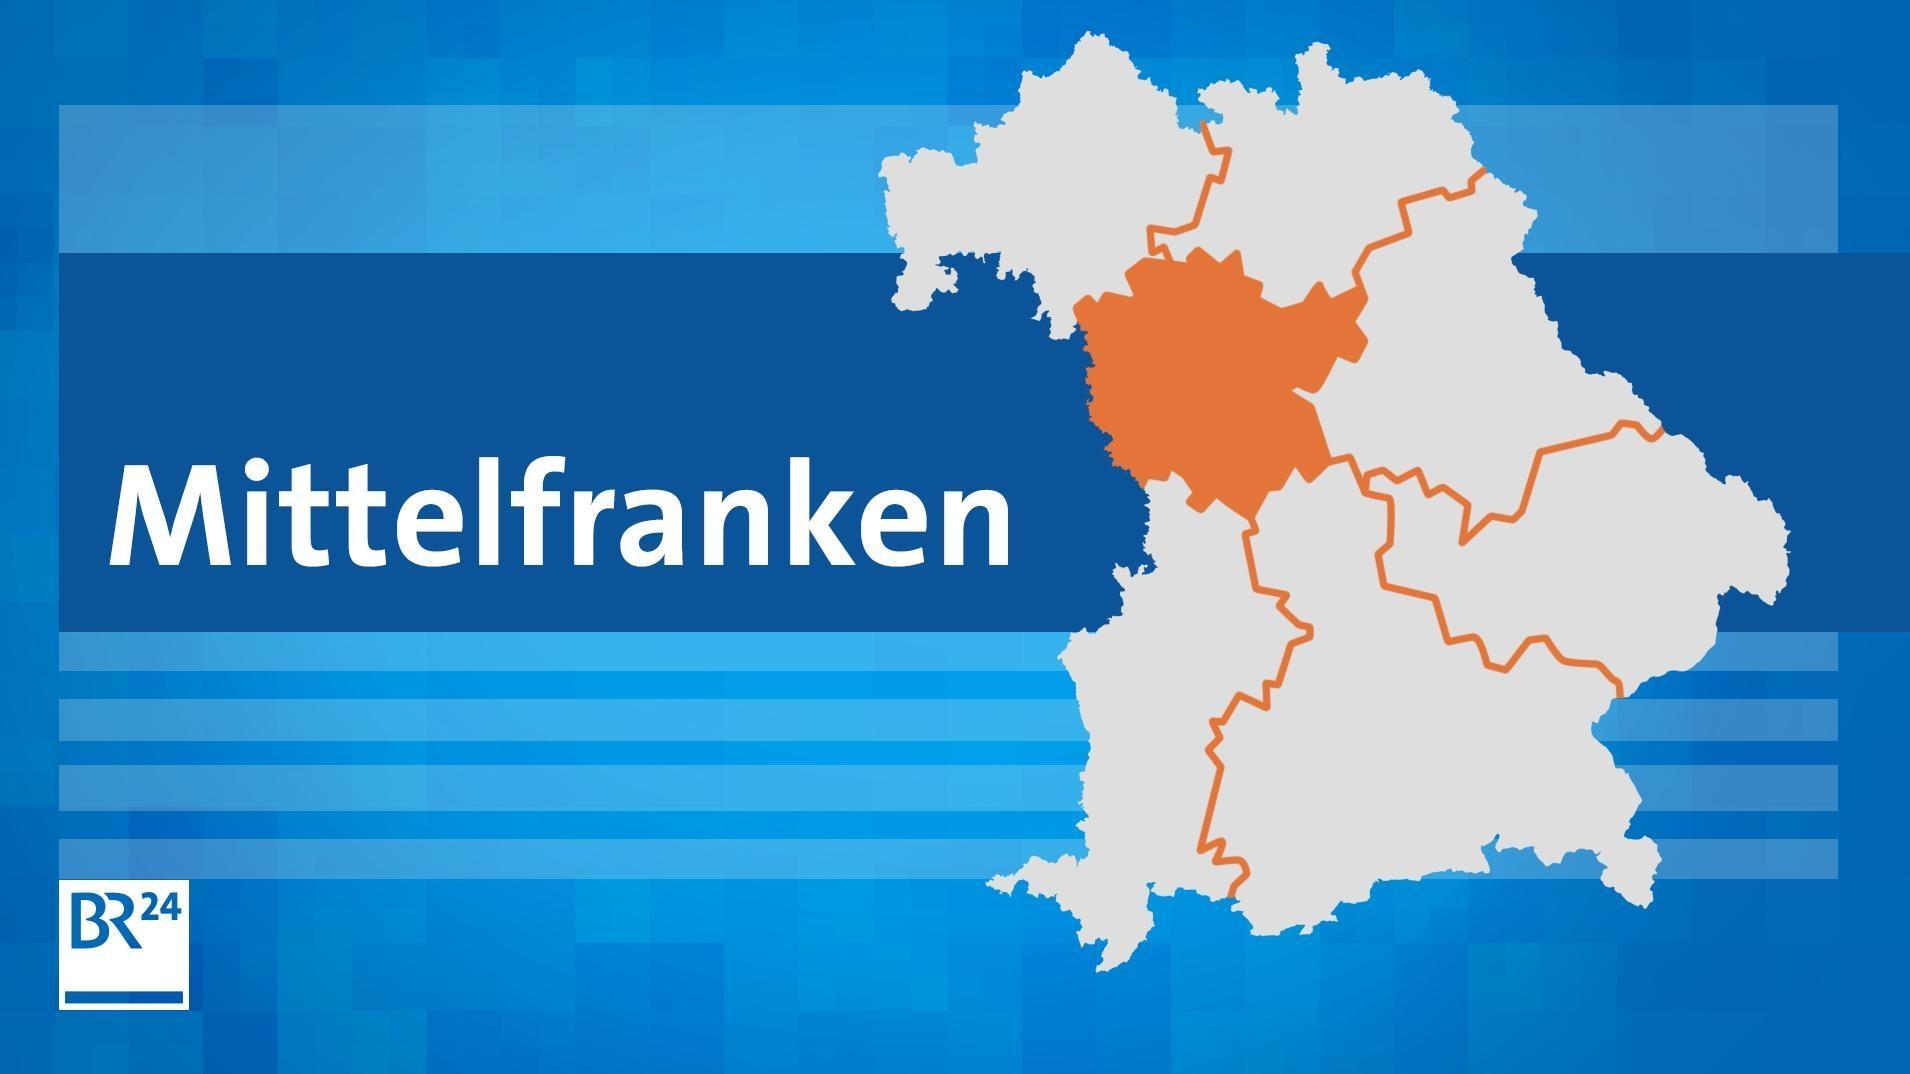 """Stilisierte Landkarte von Bayern mit den Bezirksgrenzen. Mittelfranken ist farblich hervorgehoben. Daneben steht der Schriftzug """"Mittelfranken""""."""